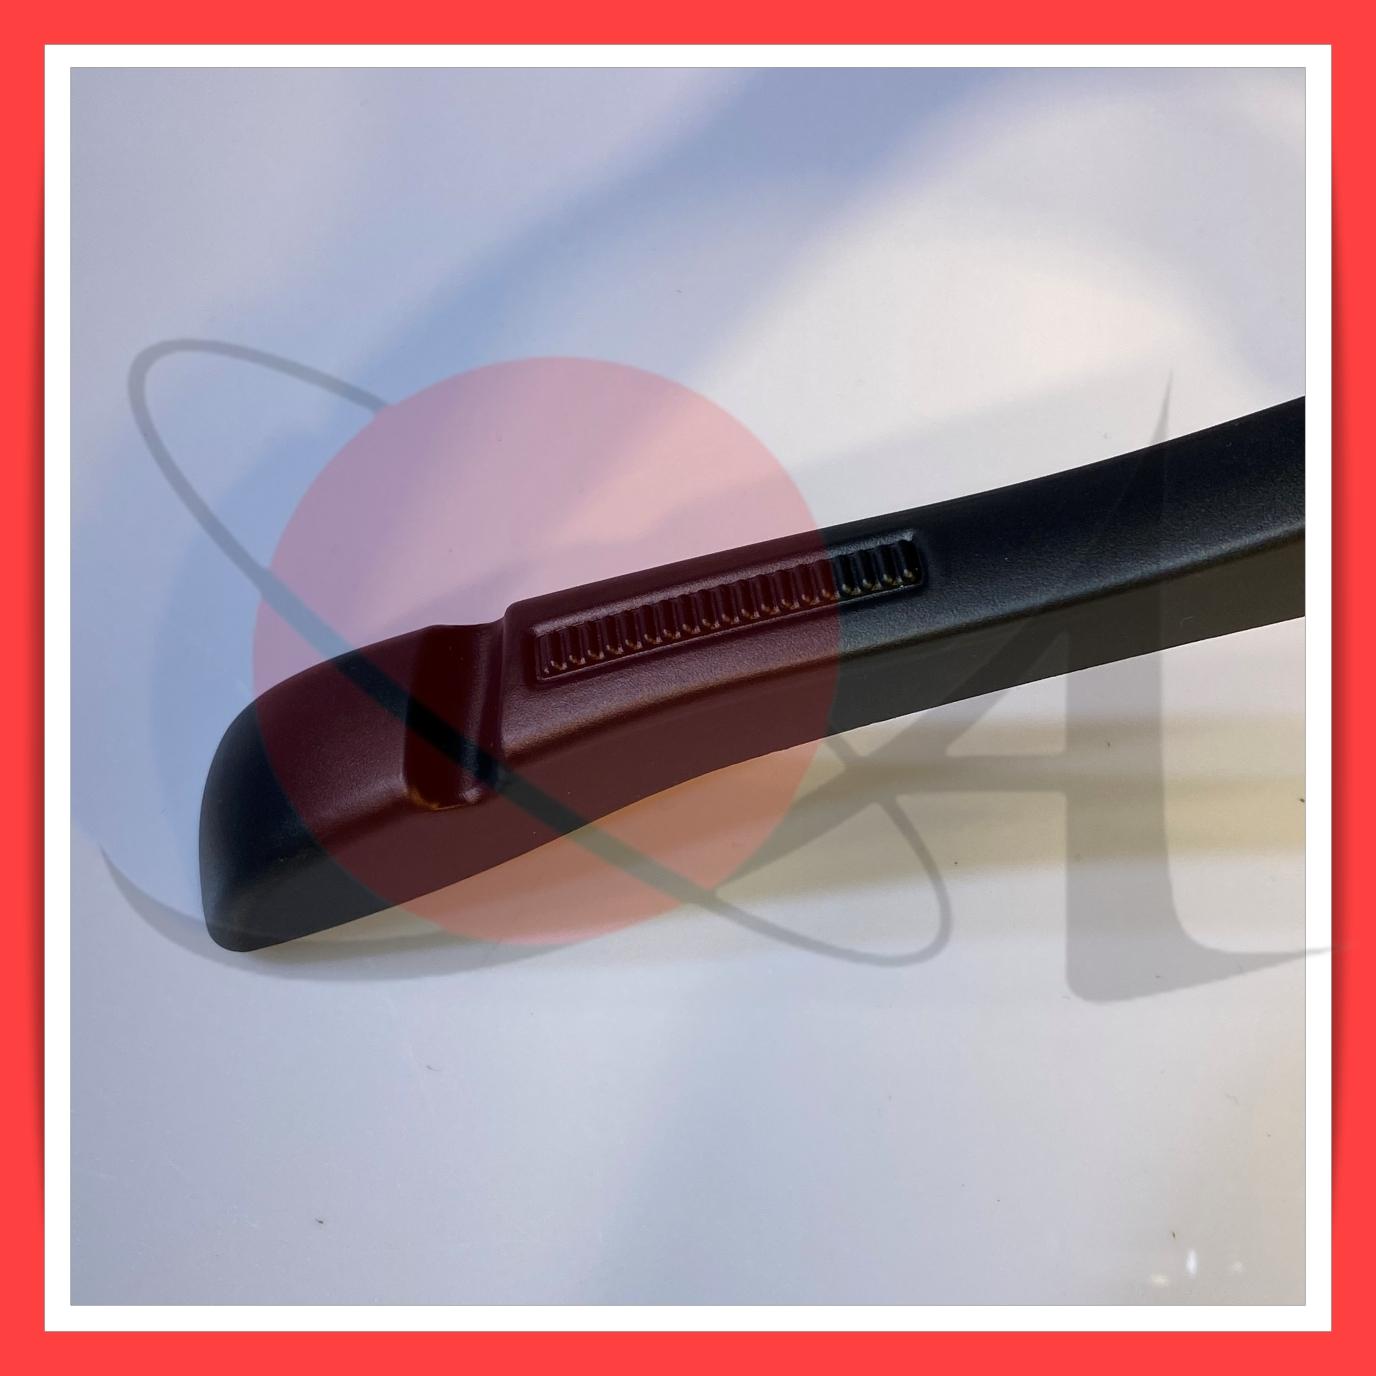 Bộ Móc Treo Áo Nhựa Nam Nữ Màu Đen Dài 40cm Lên Phom Chuẩn Đẹp